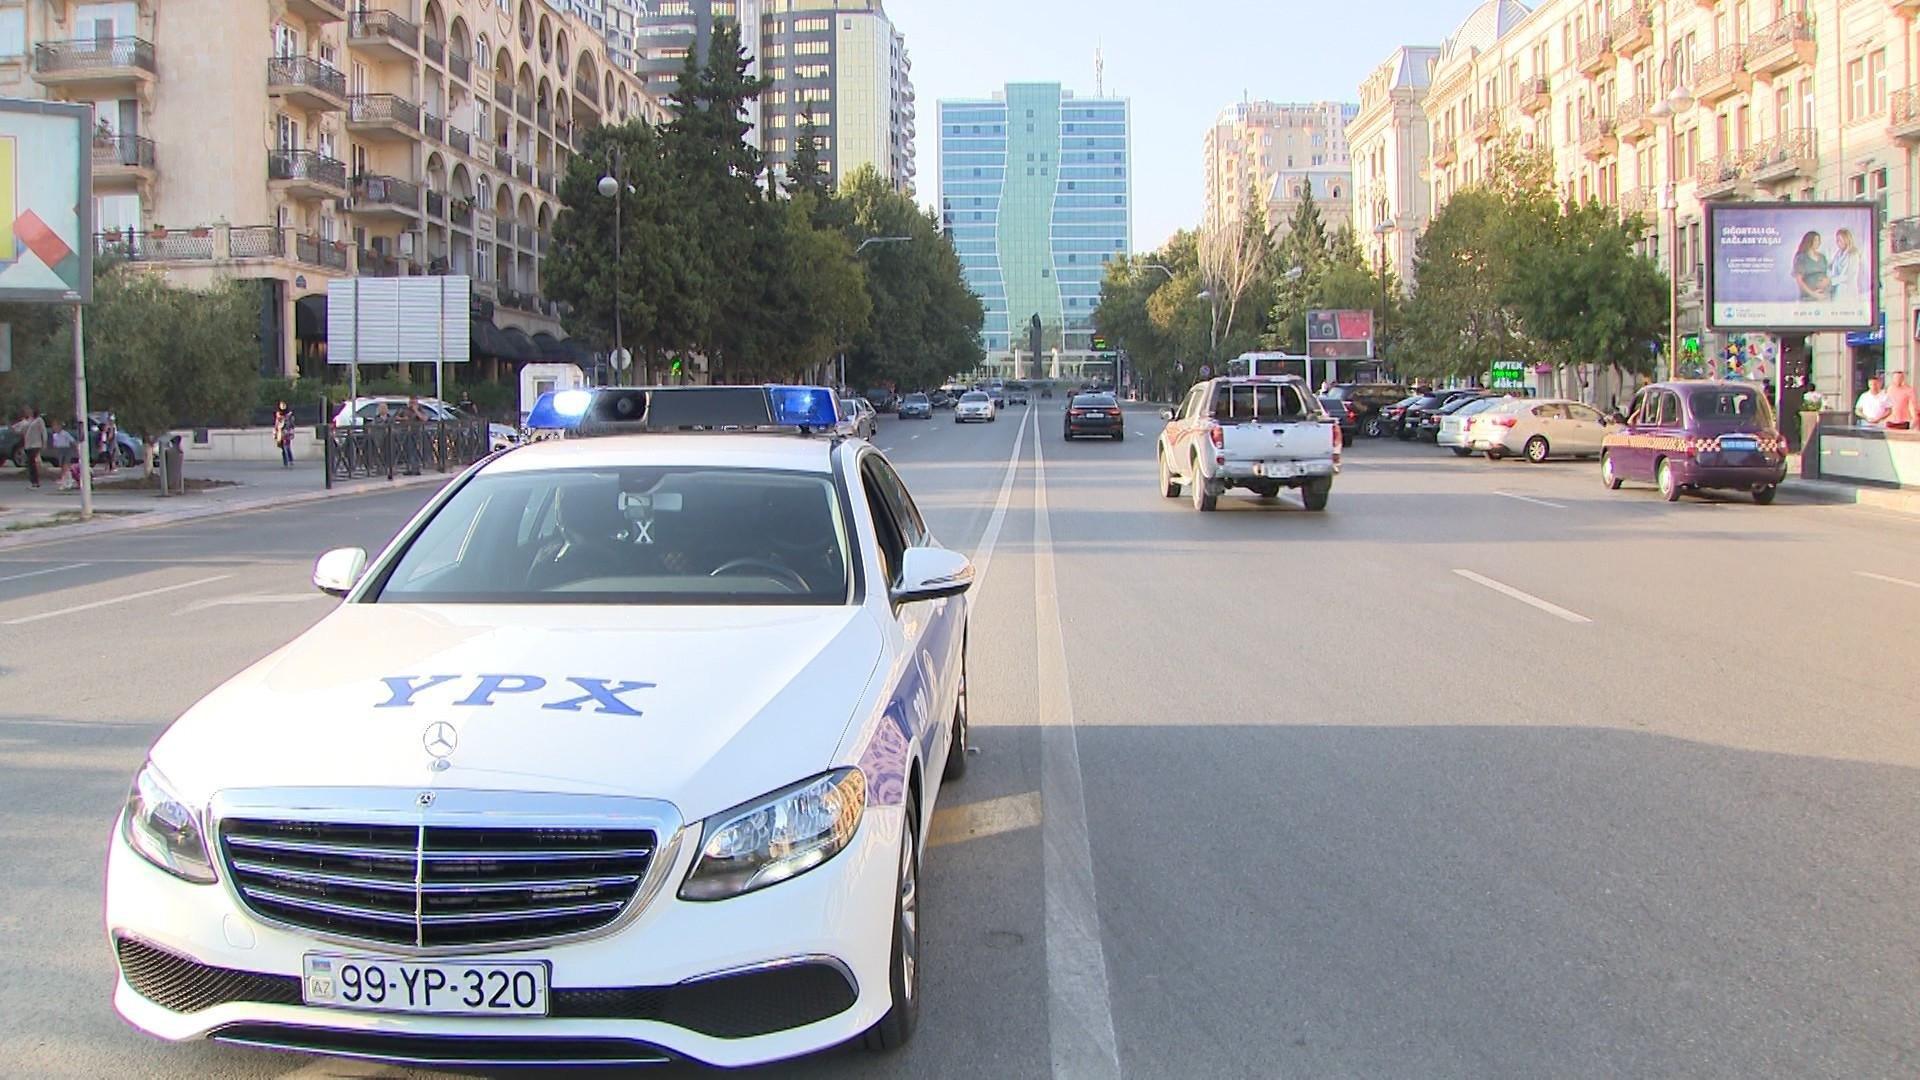 Bakı polsi YPX əməkdaşları ilə bağlı araşdırma aparıb